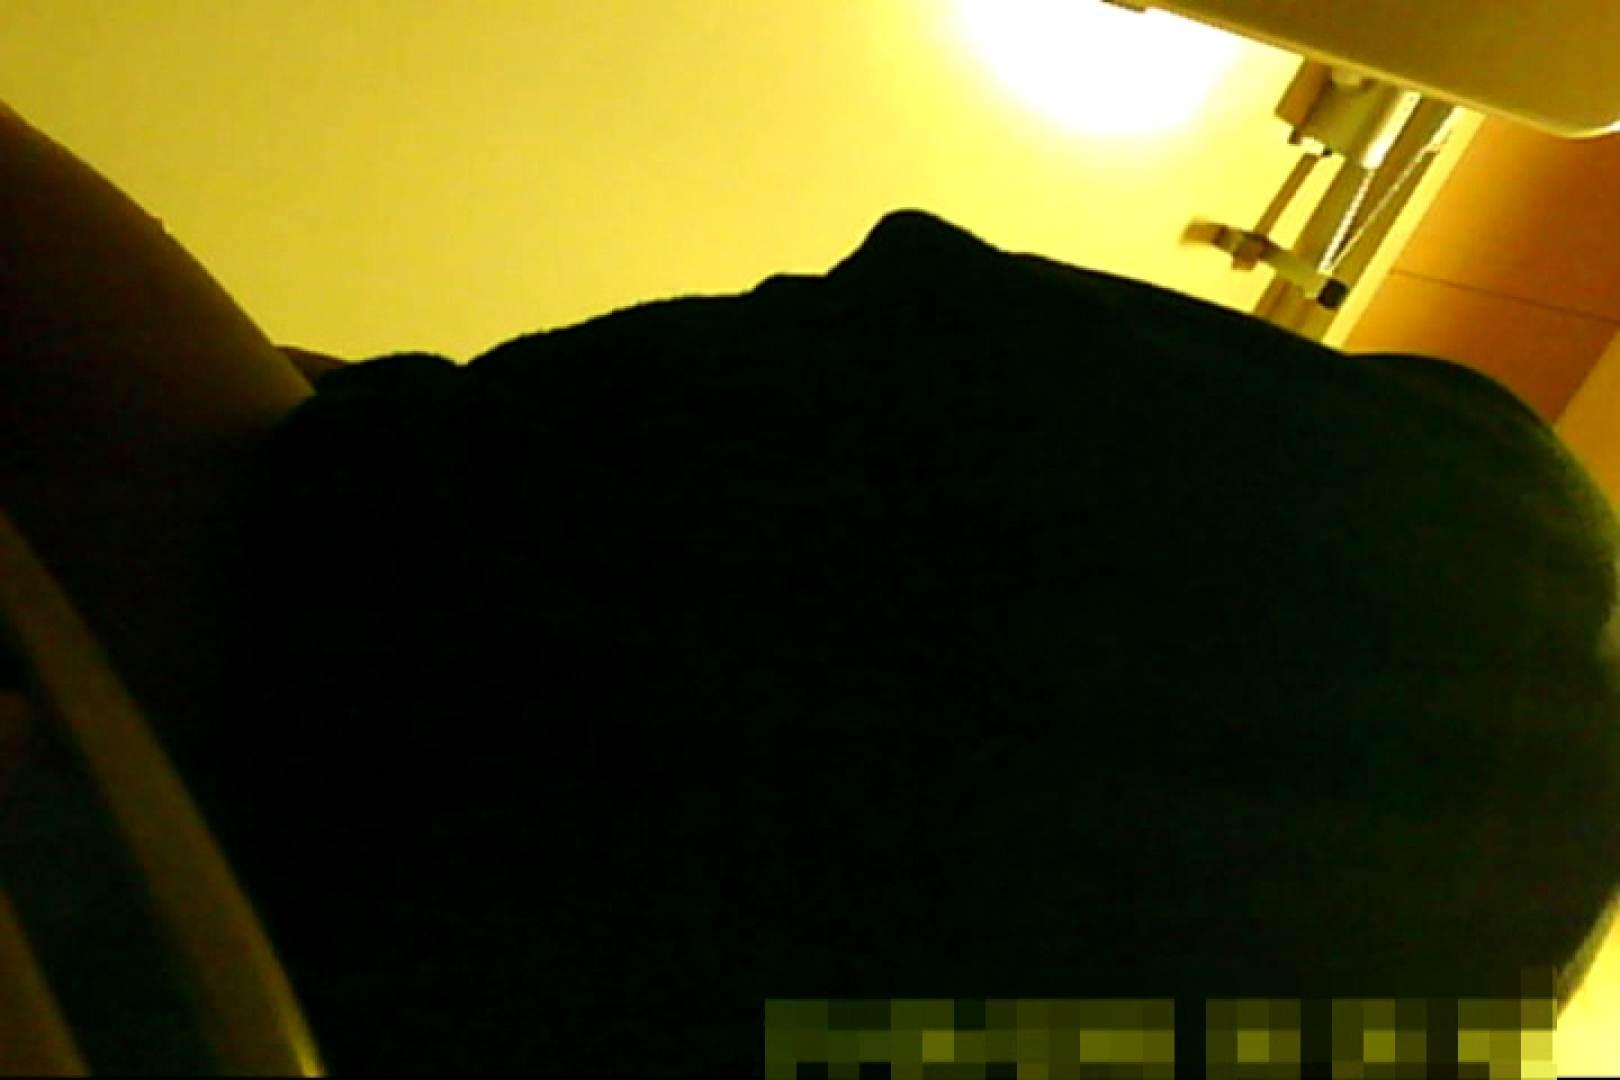 魅惑の化粧室~禁断のプライベート空間~22 チラ 盗み撮り動画 94枚 4